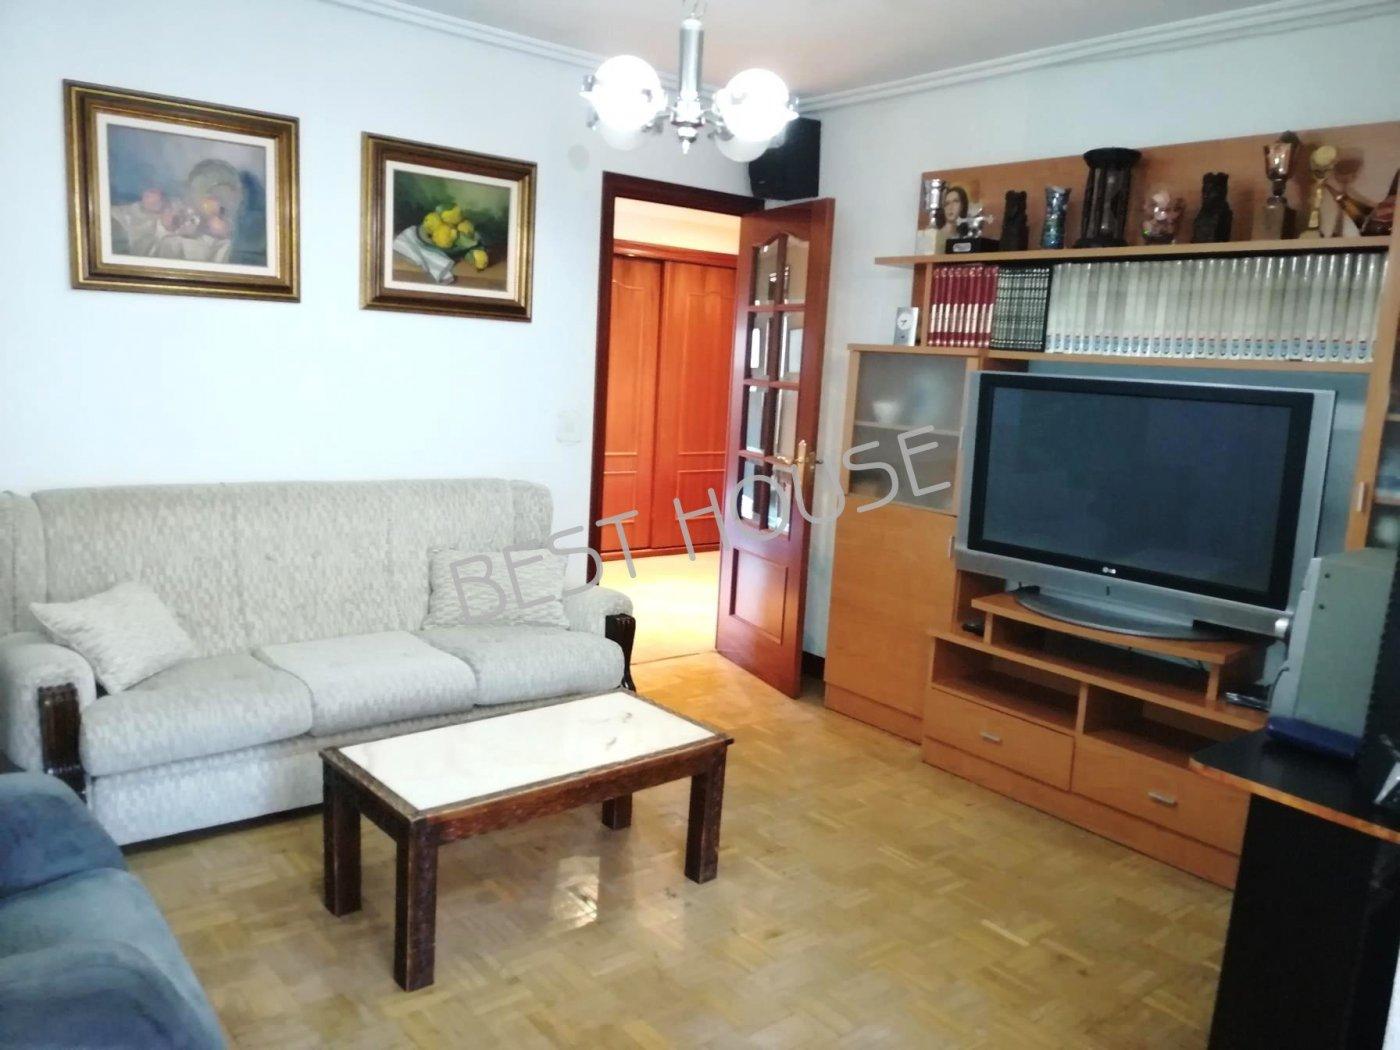 Apartamento, Aranbizkarra, Venta - Álava (Álava)